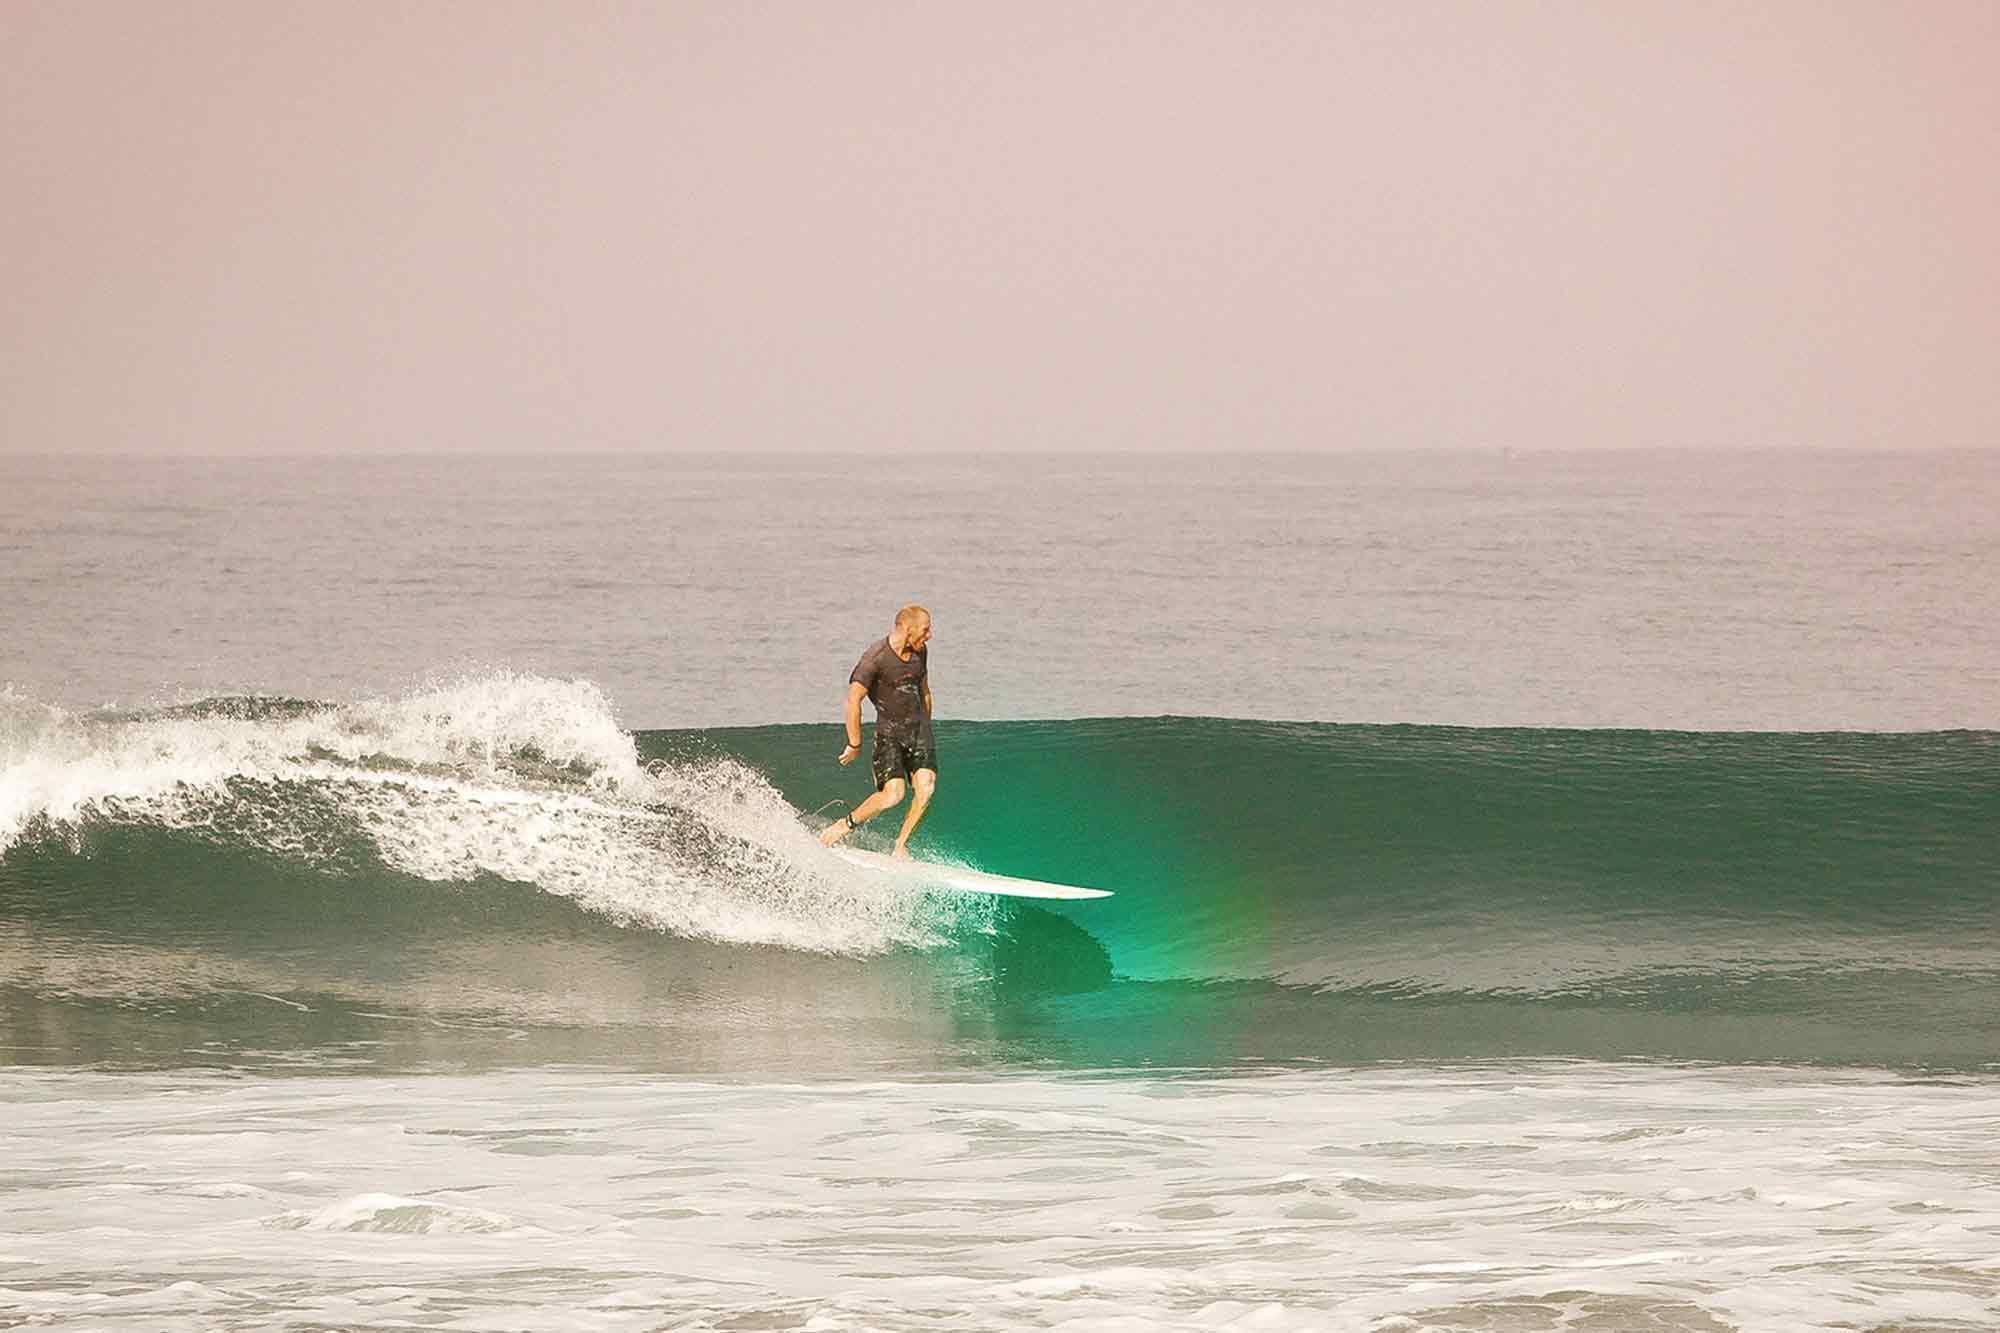 https://www.soulandsurf.com/wp-content/uploads/2021/09/Retreatsindia-images-Surfer-Going-Left-Edava.jpg